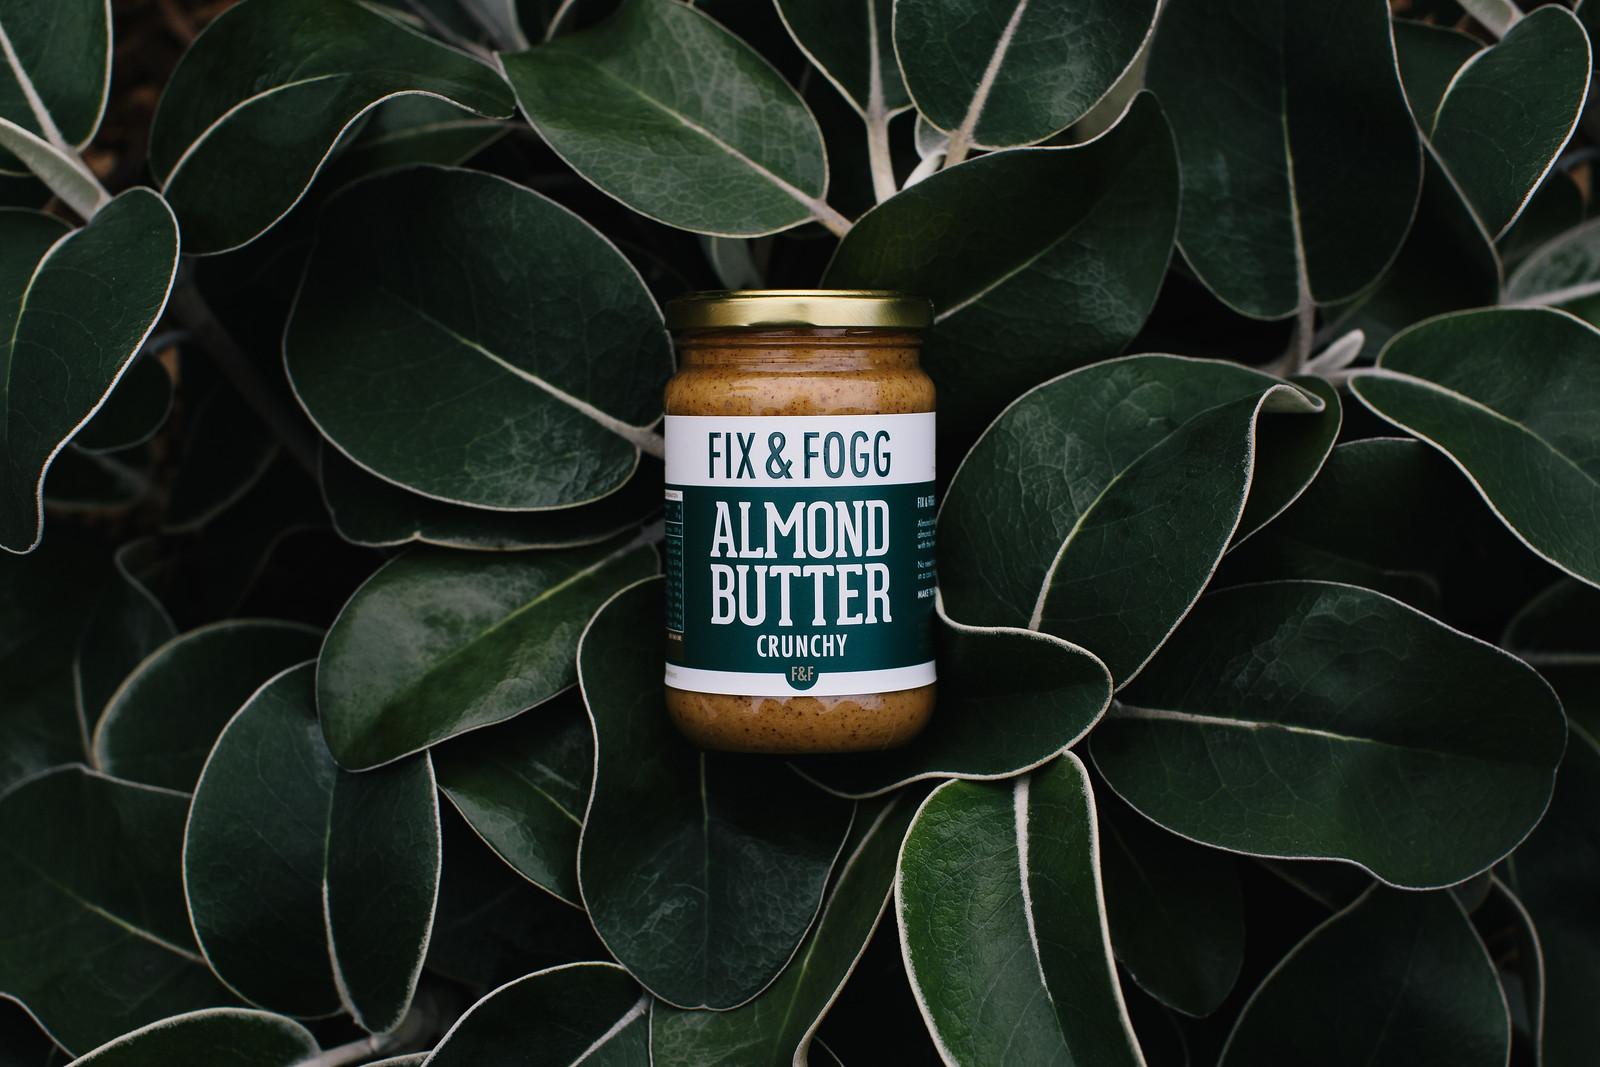 Fix & Fogg Crunchy Almond Butter